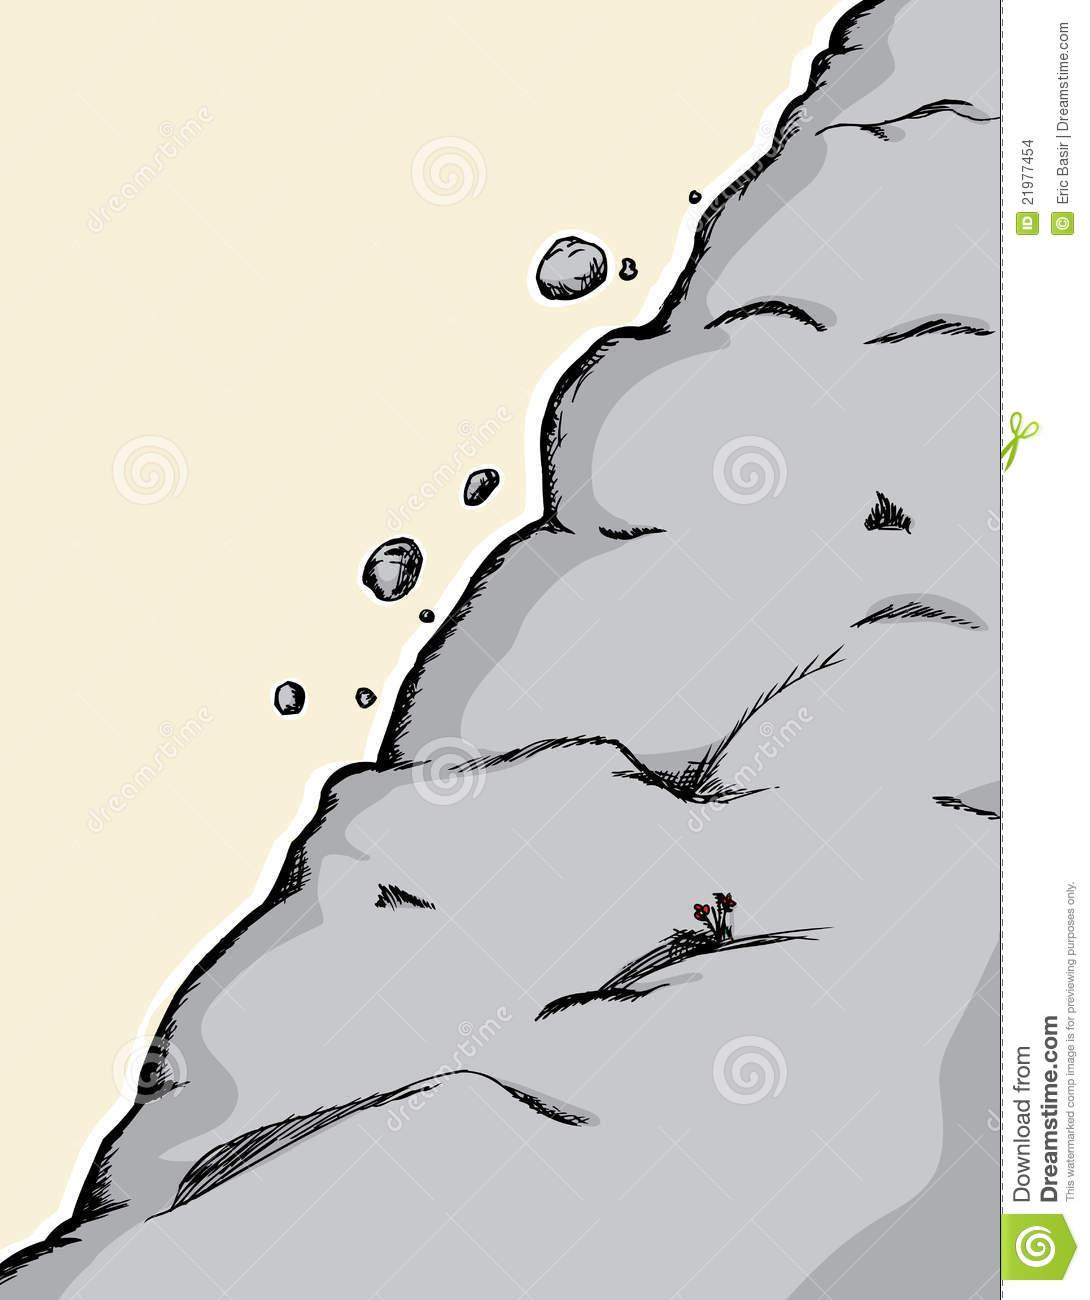 Landslide 20clipart.